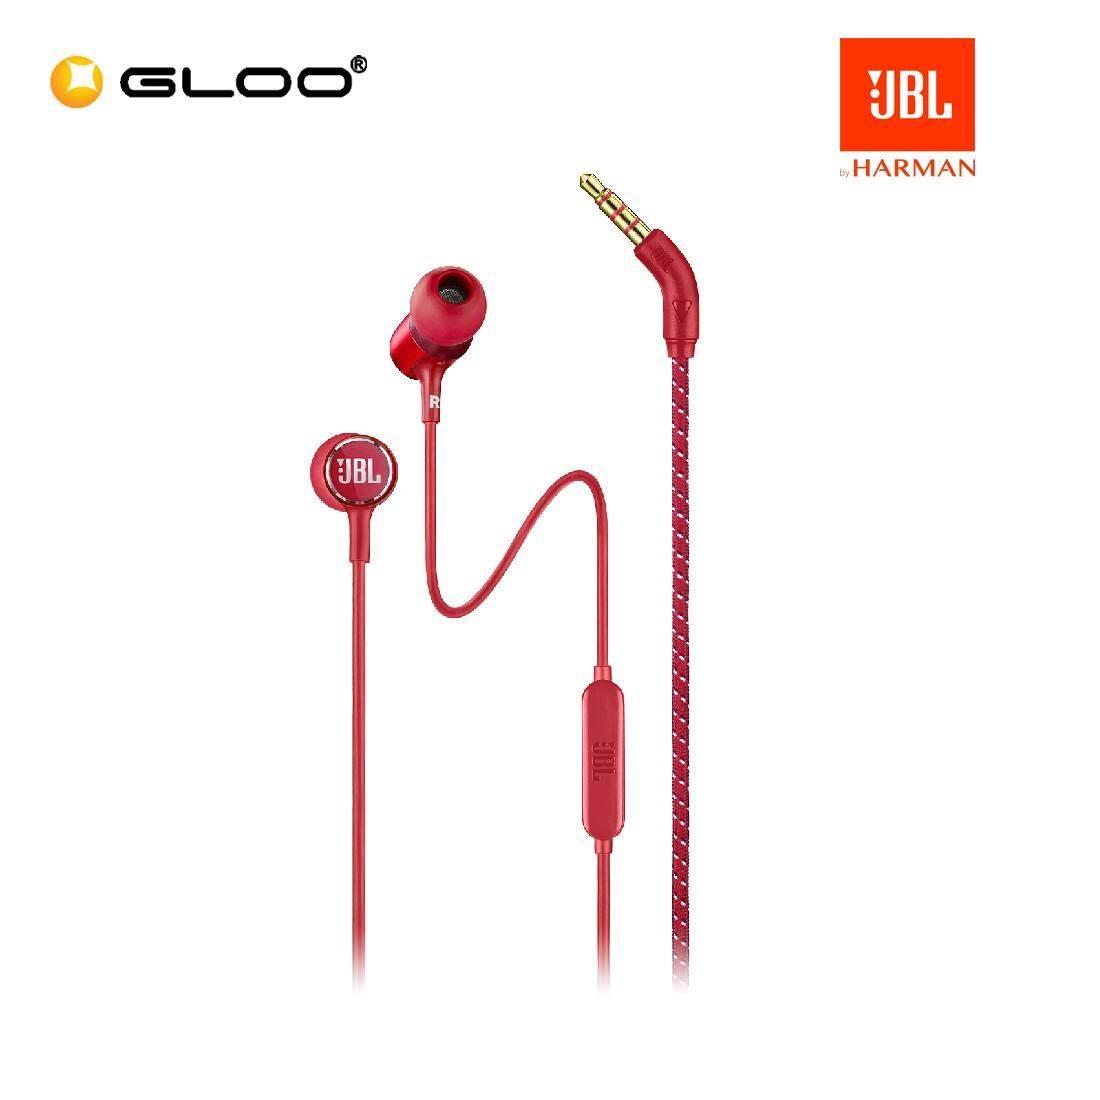 JBL Live 100 In-ear headphones Blue/Black/Red